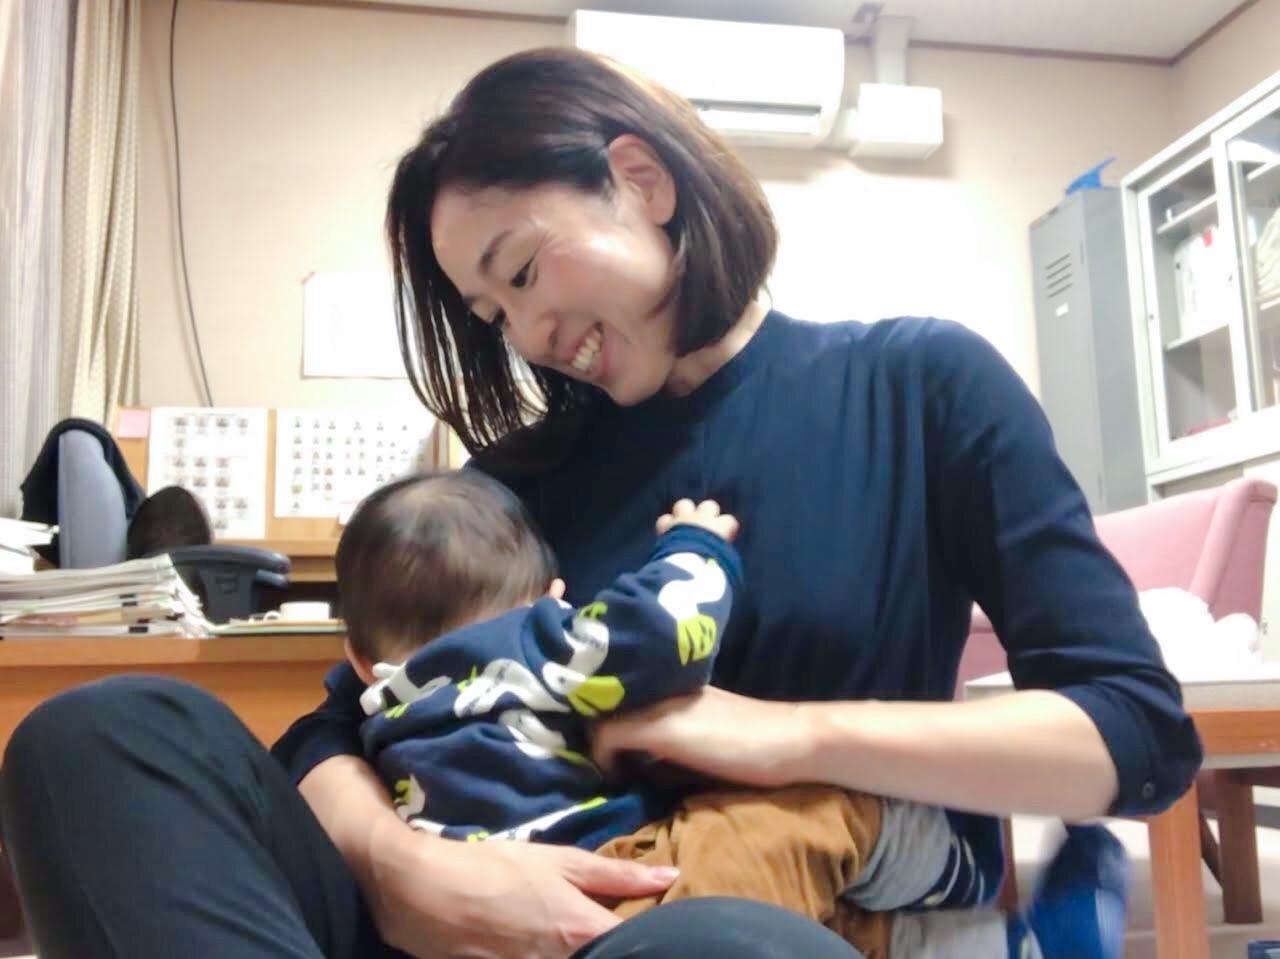 母乳育児と仕事の両立支援を求める意見書の提出_b0199244_15374925.jpg